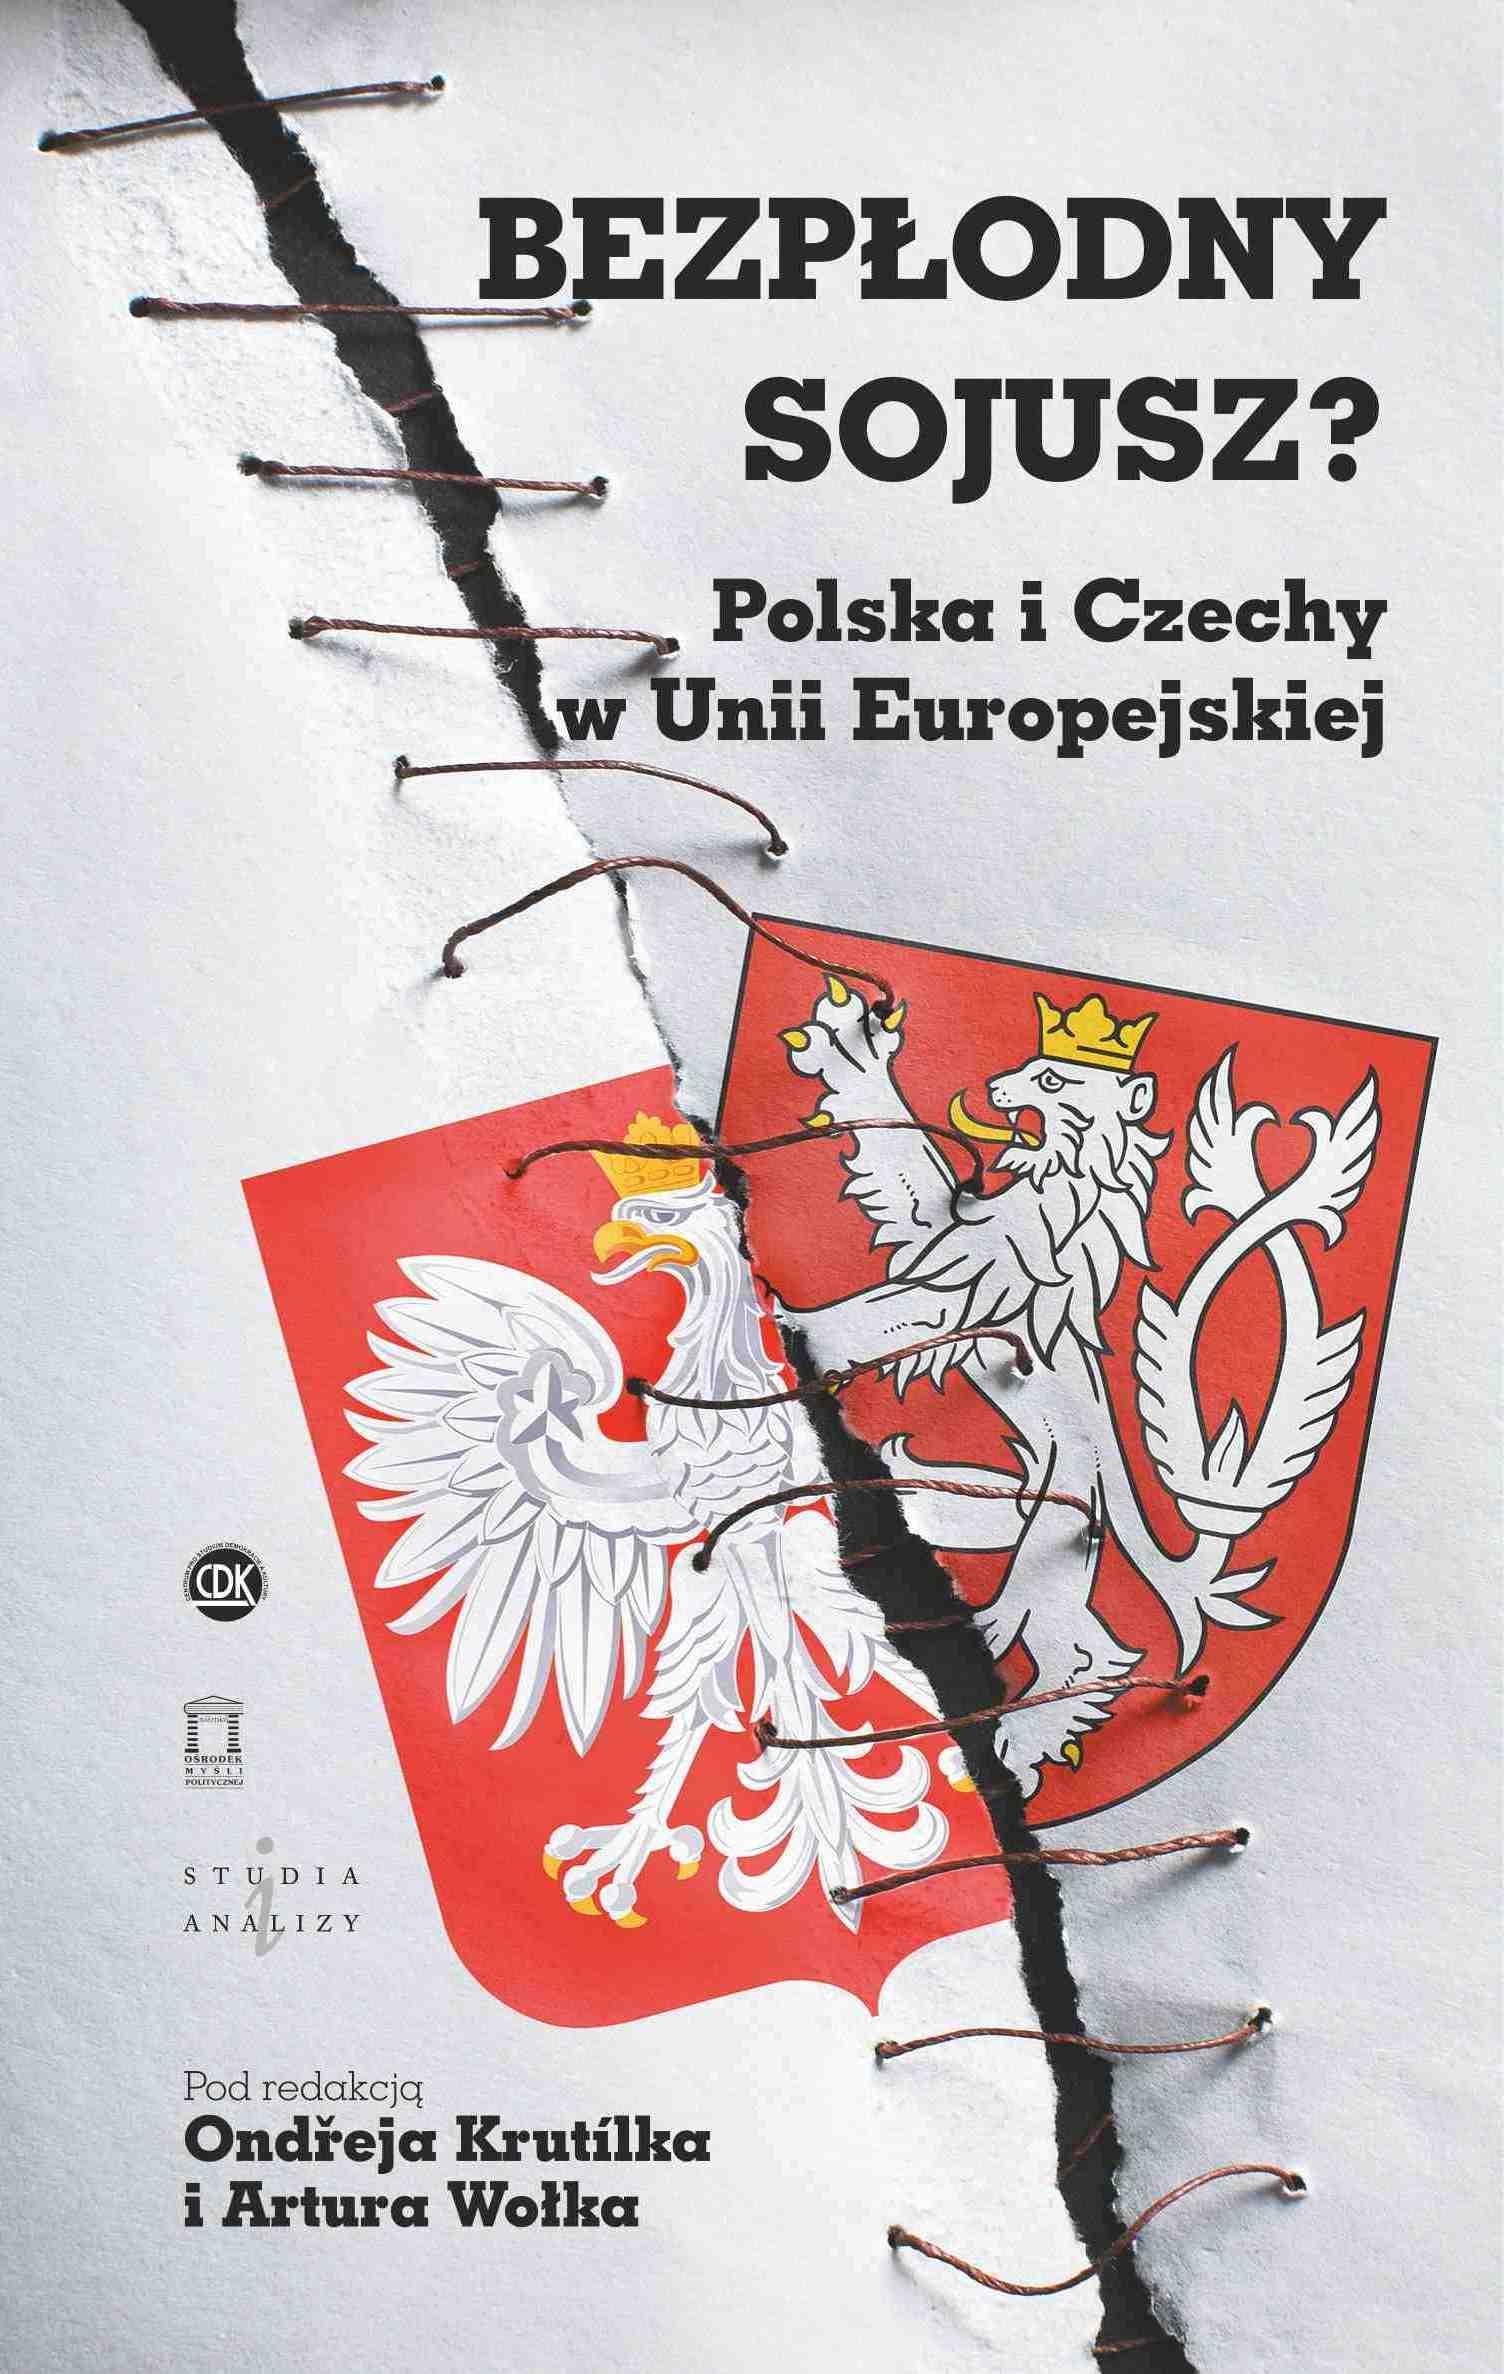 Bezpłodny sojusz? Polska iCzechy wUnii Europejskiej